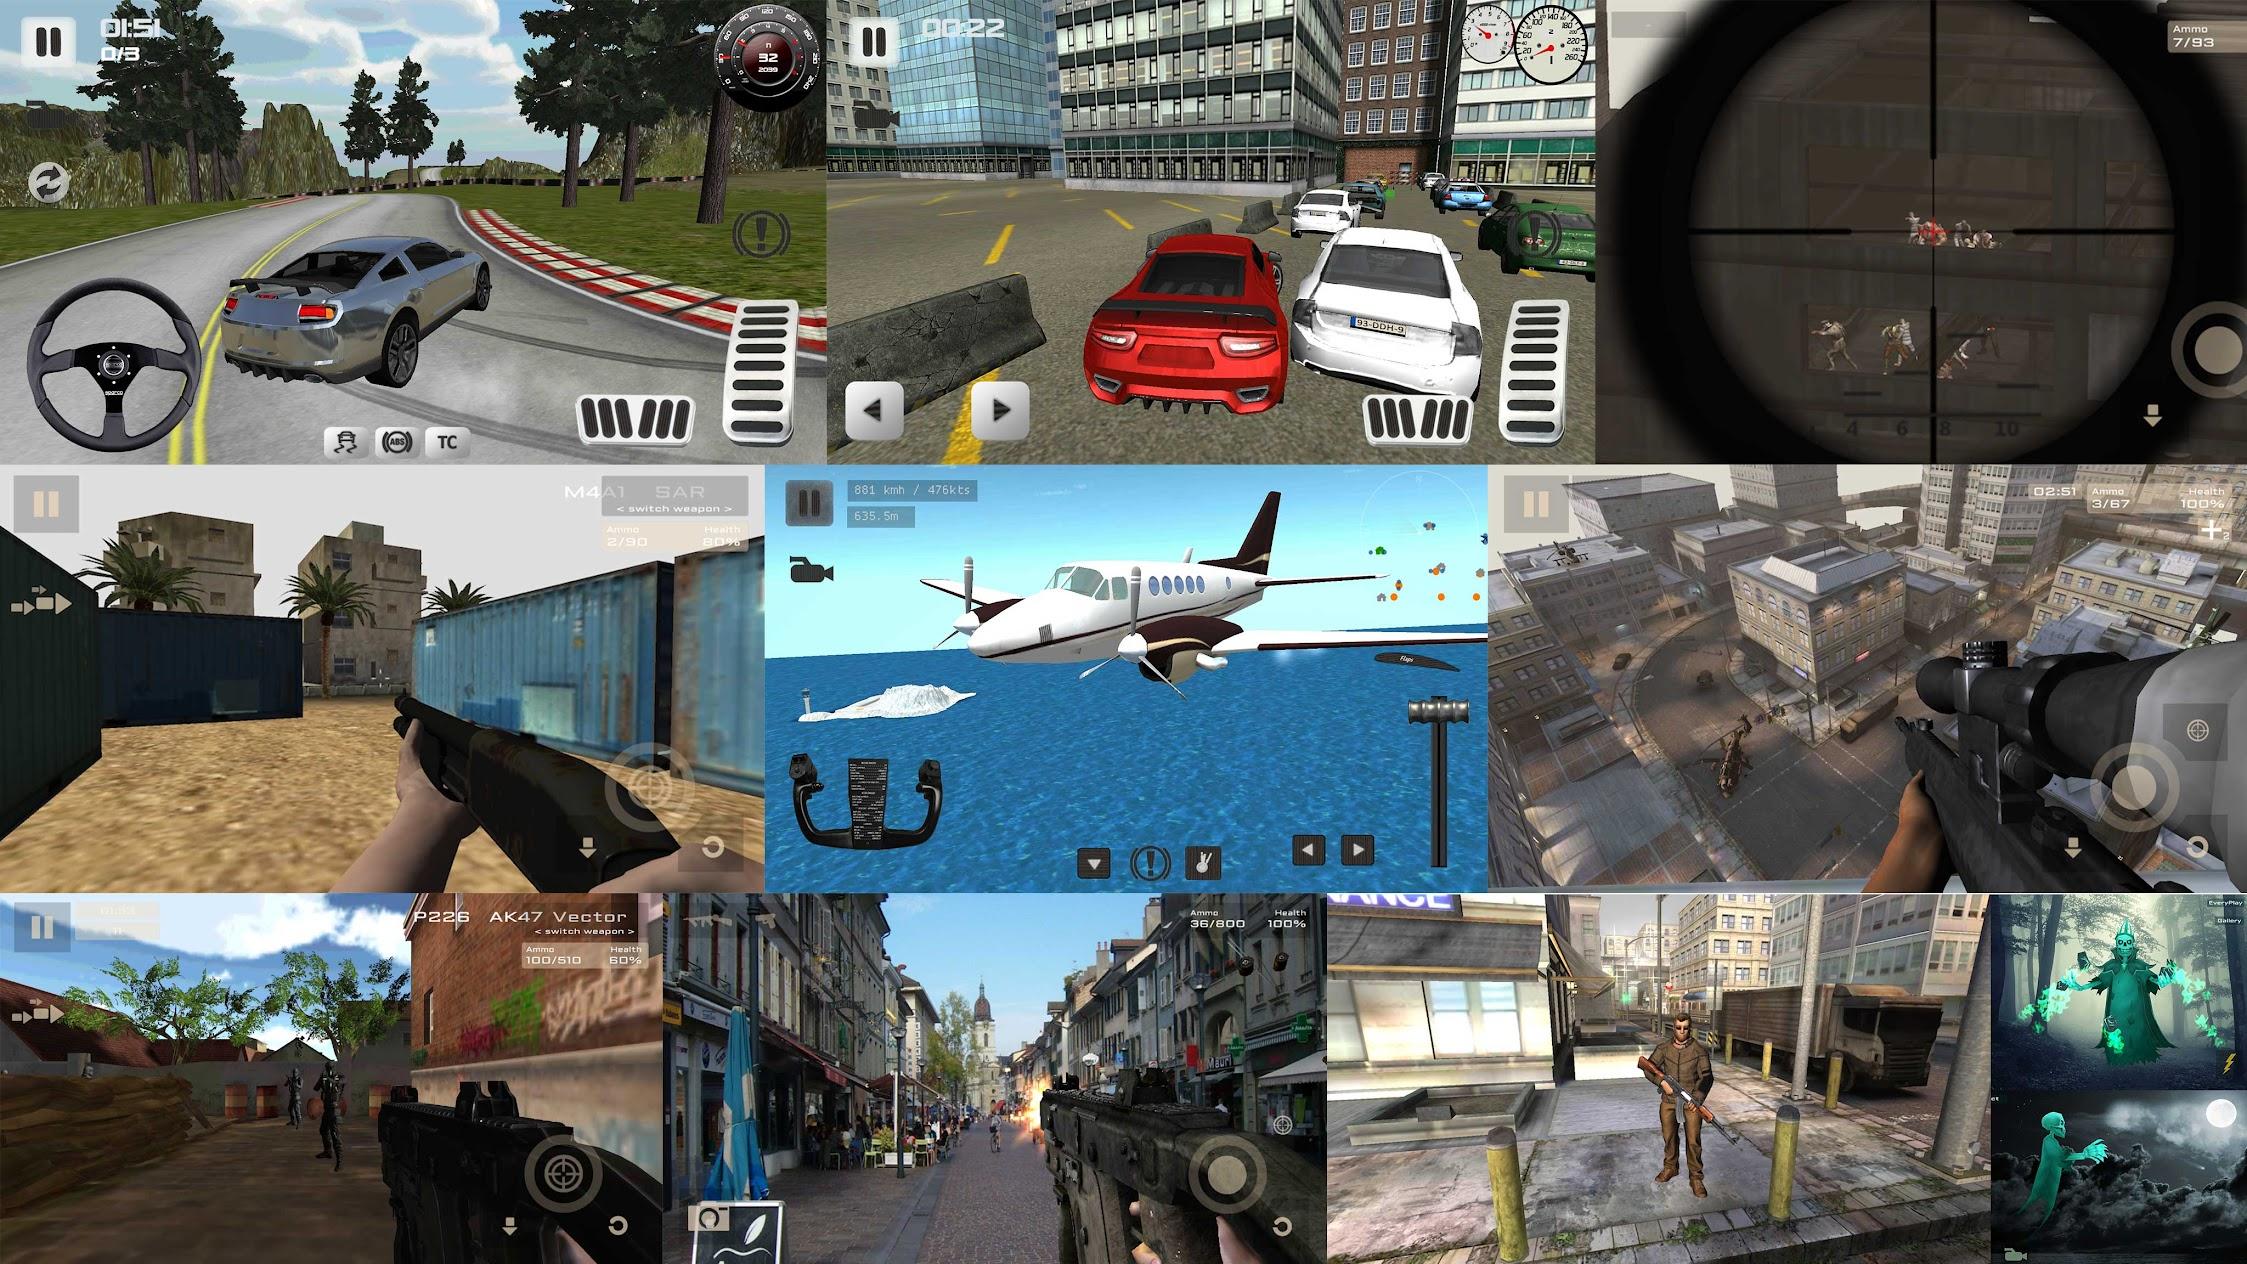 VAPP - Games and Simulators